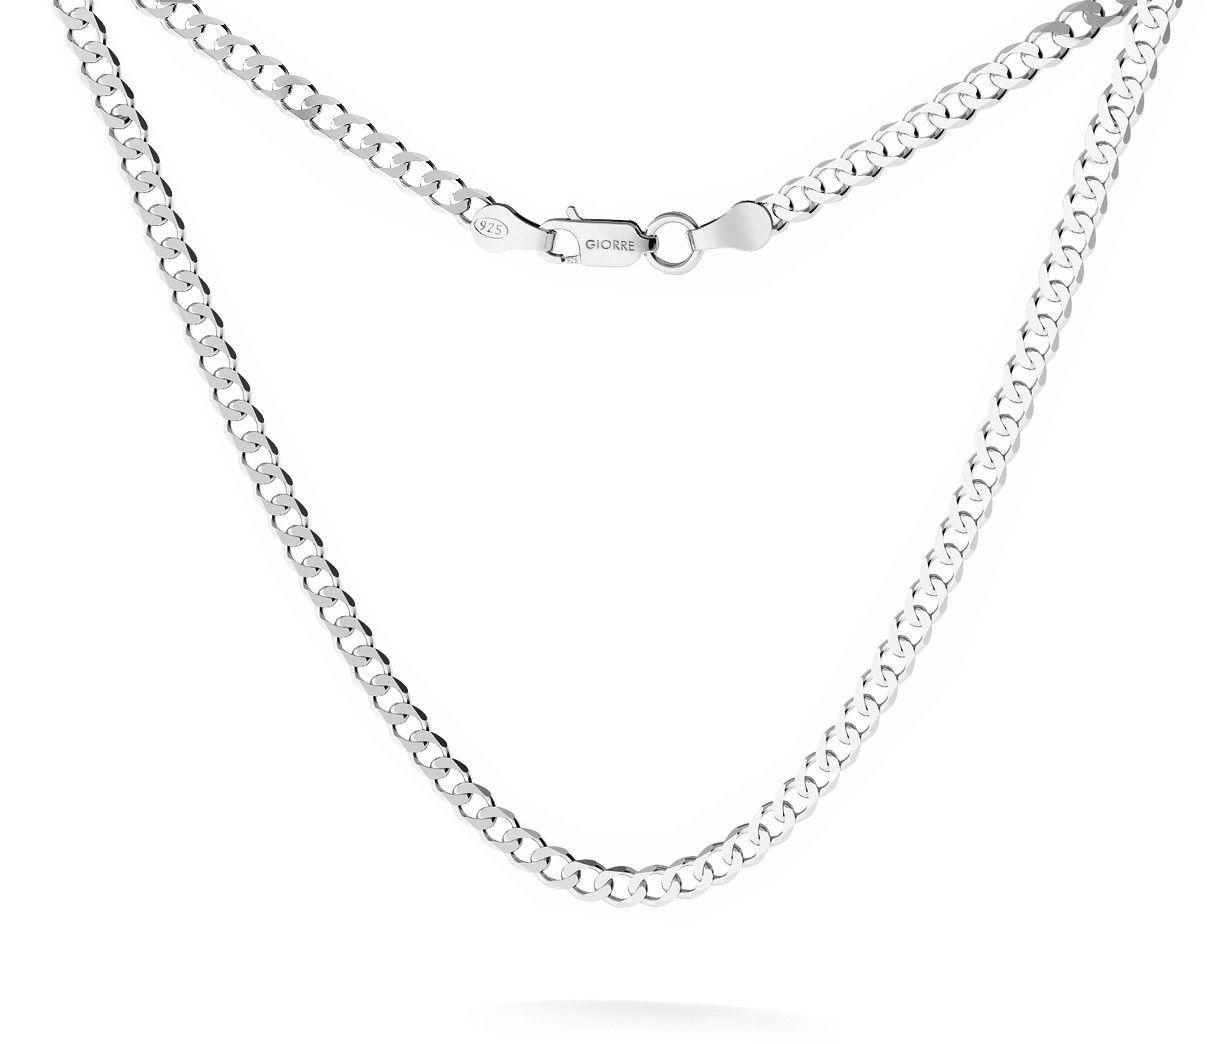 Męski łańcuszek pancerka, srebro 925 : Długość (cm) - 55, Srebro - kolor pokrycia - Pokrycie platyną